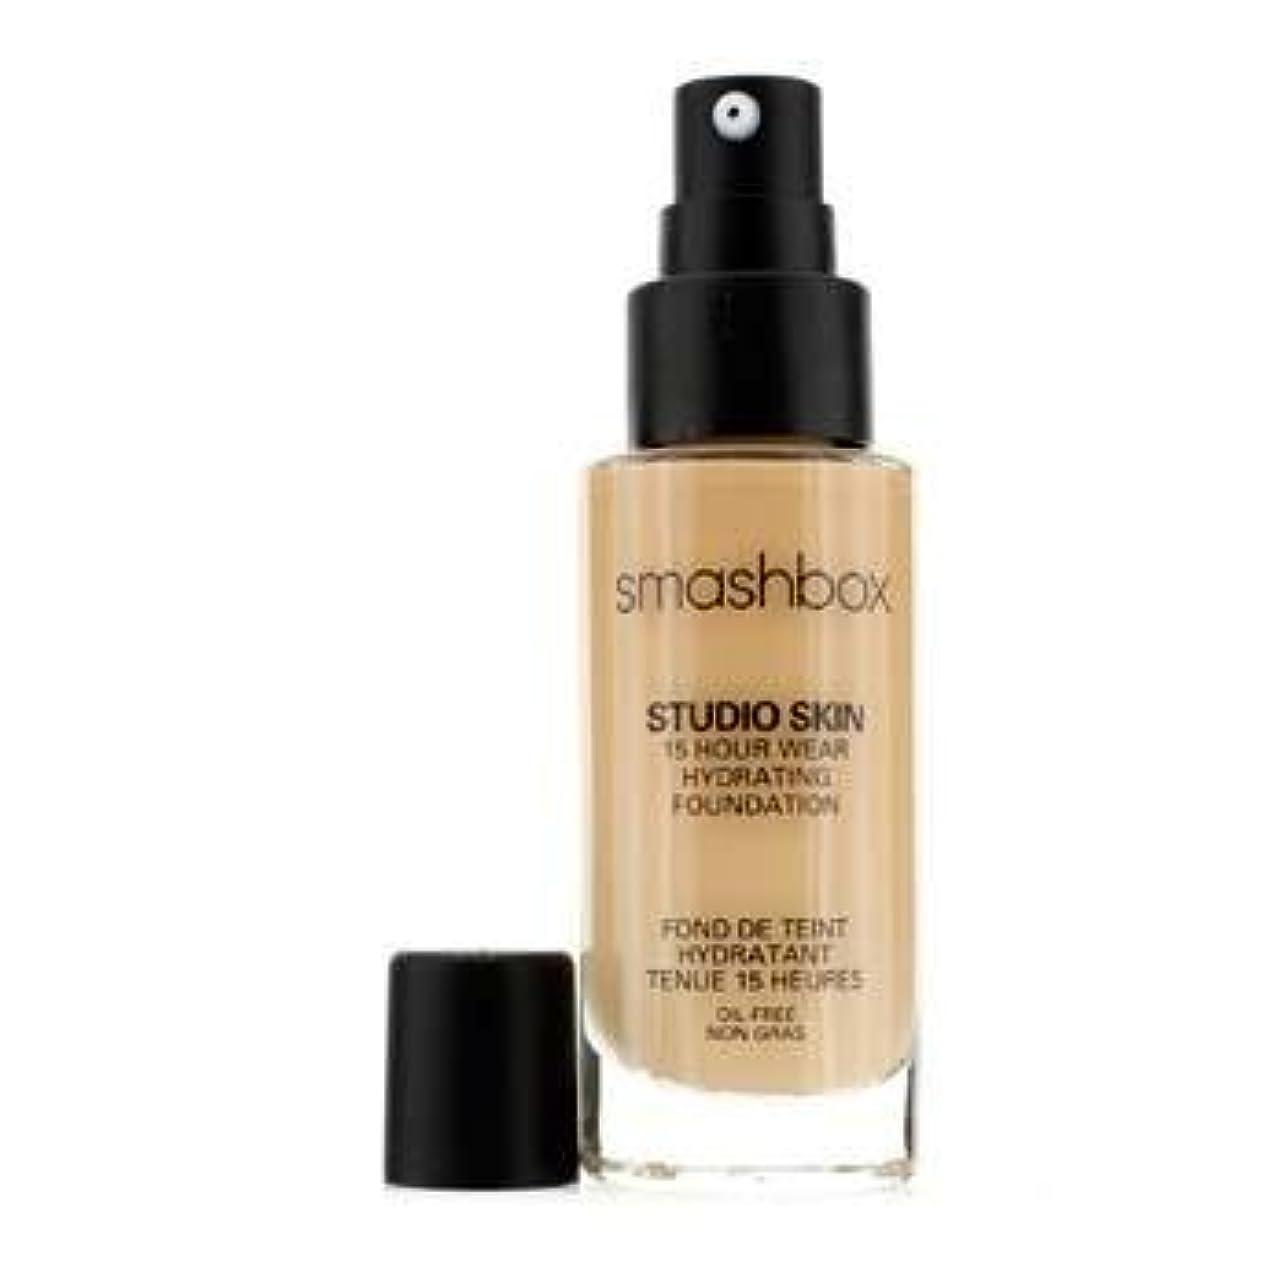 振るう運動告白スマッシュボックス Studio Skin 15 Hour Wear Hydrating Foundation - # 2.1 Light Beige 30ml/1oz並行輸入品